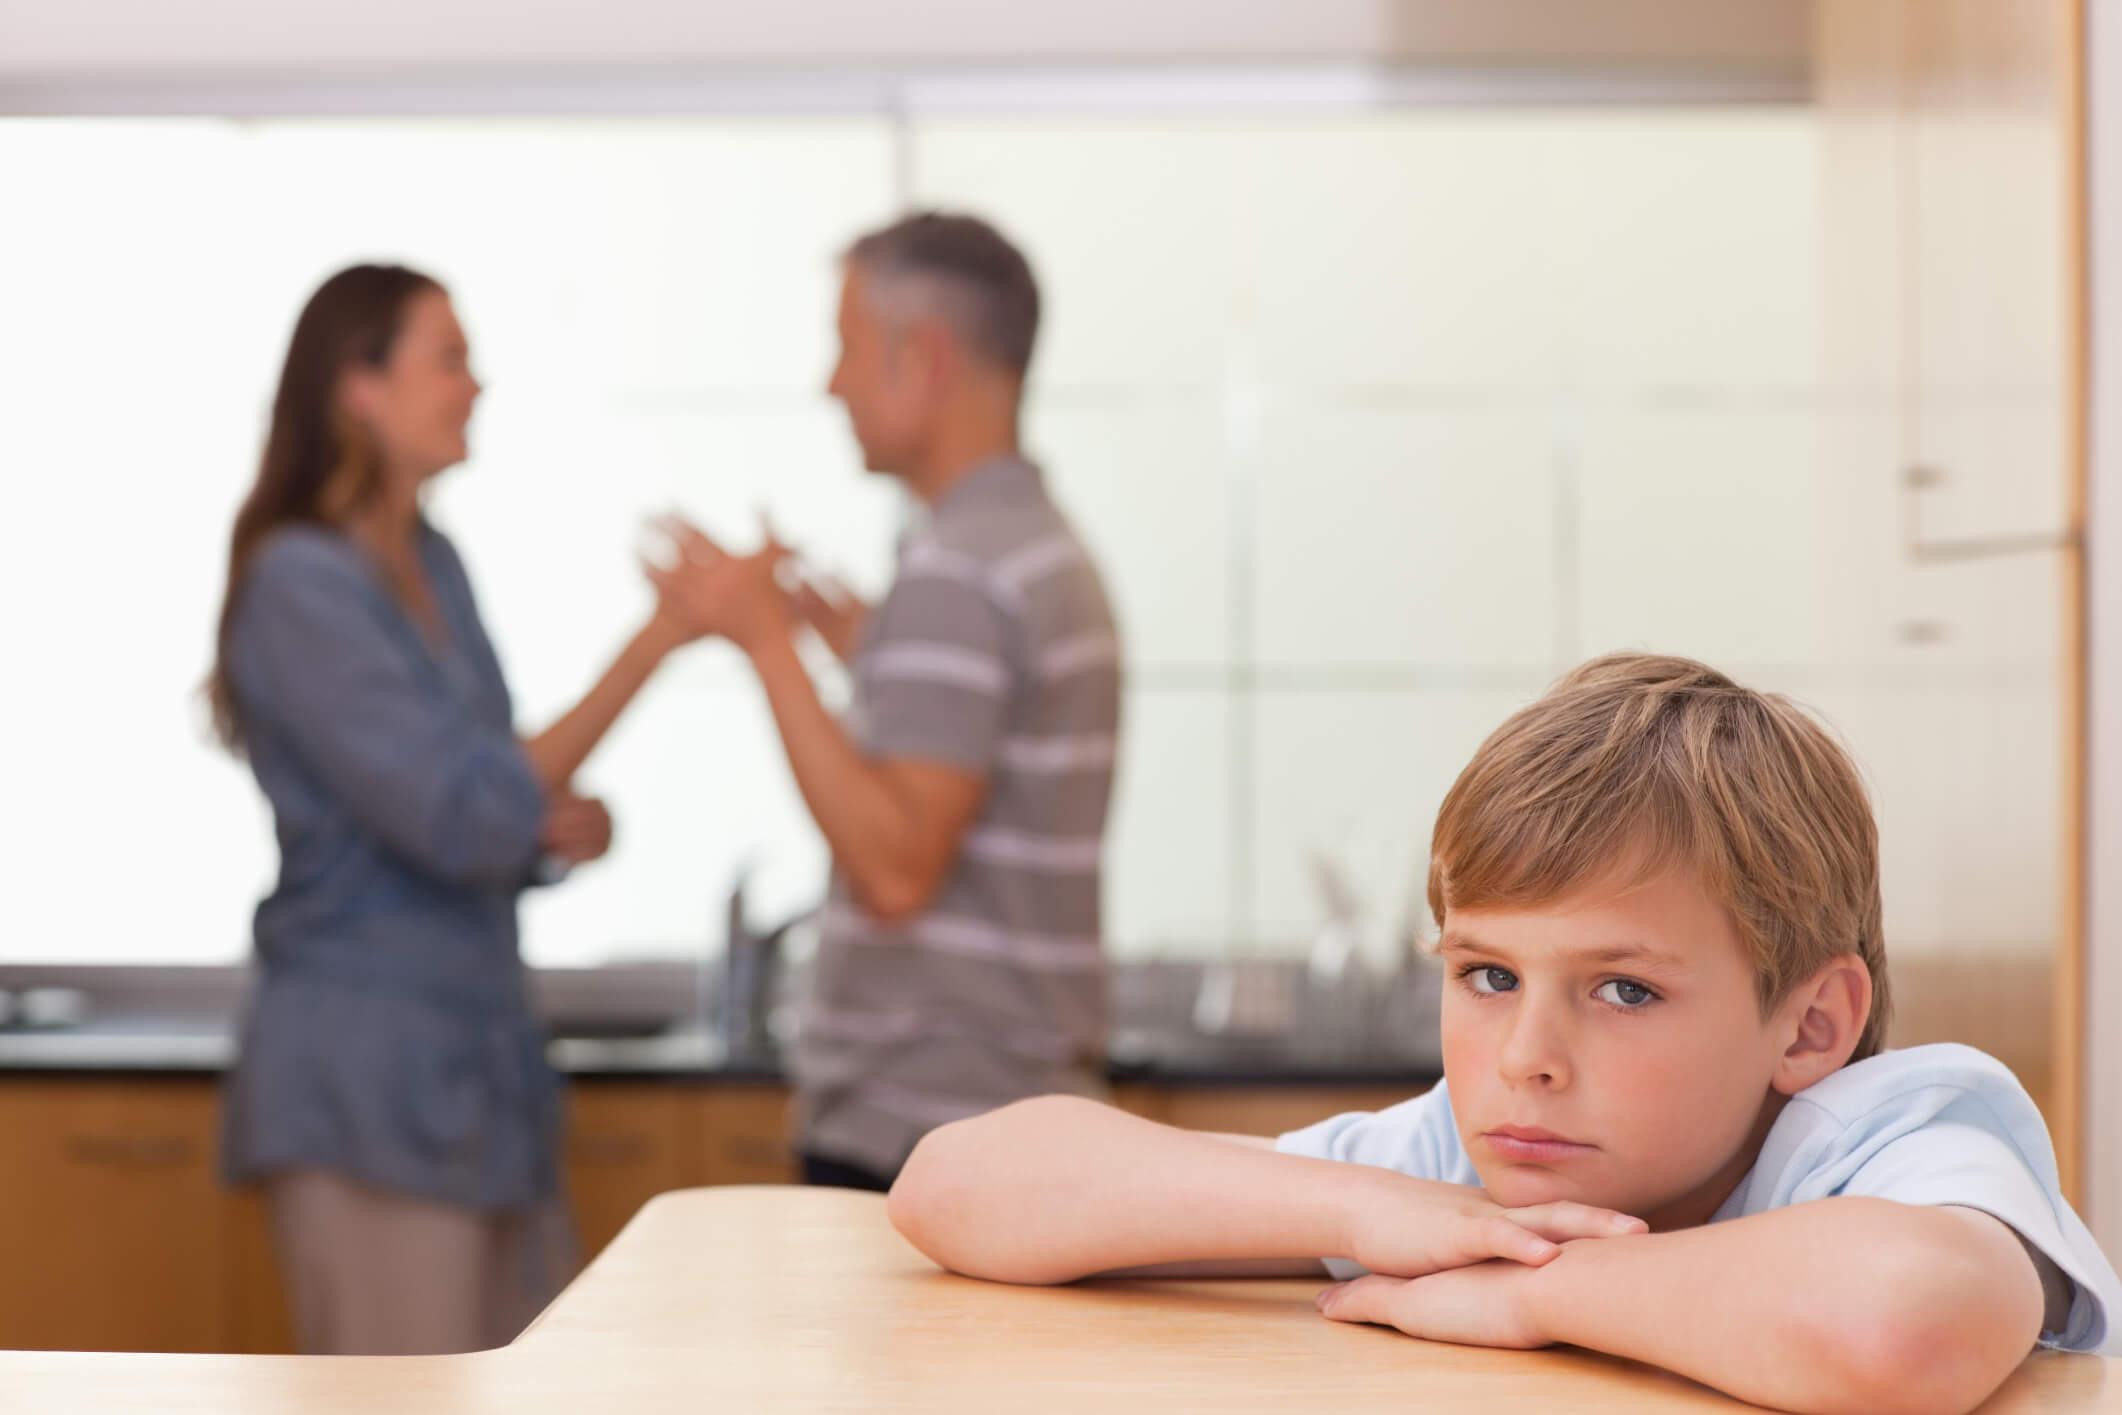 Qu'est-ce qu'une famille dysfonctionnelle et comment peut-elle affecter les enfants ?